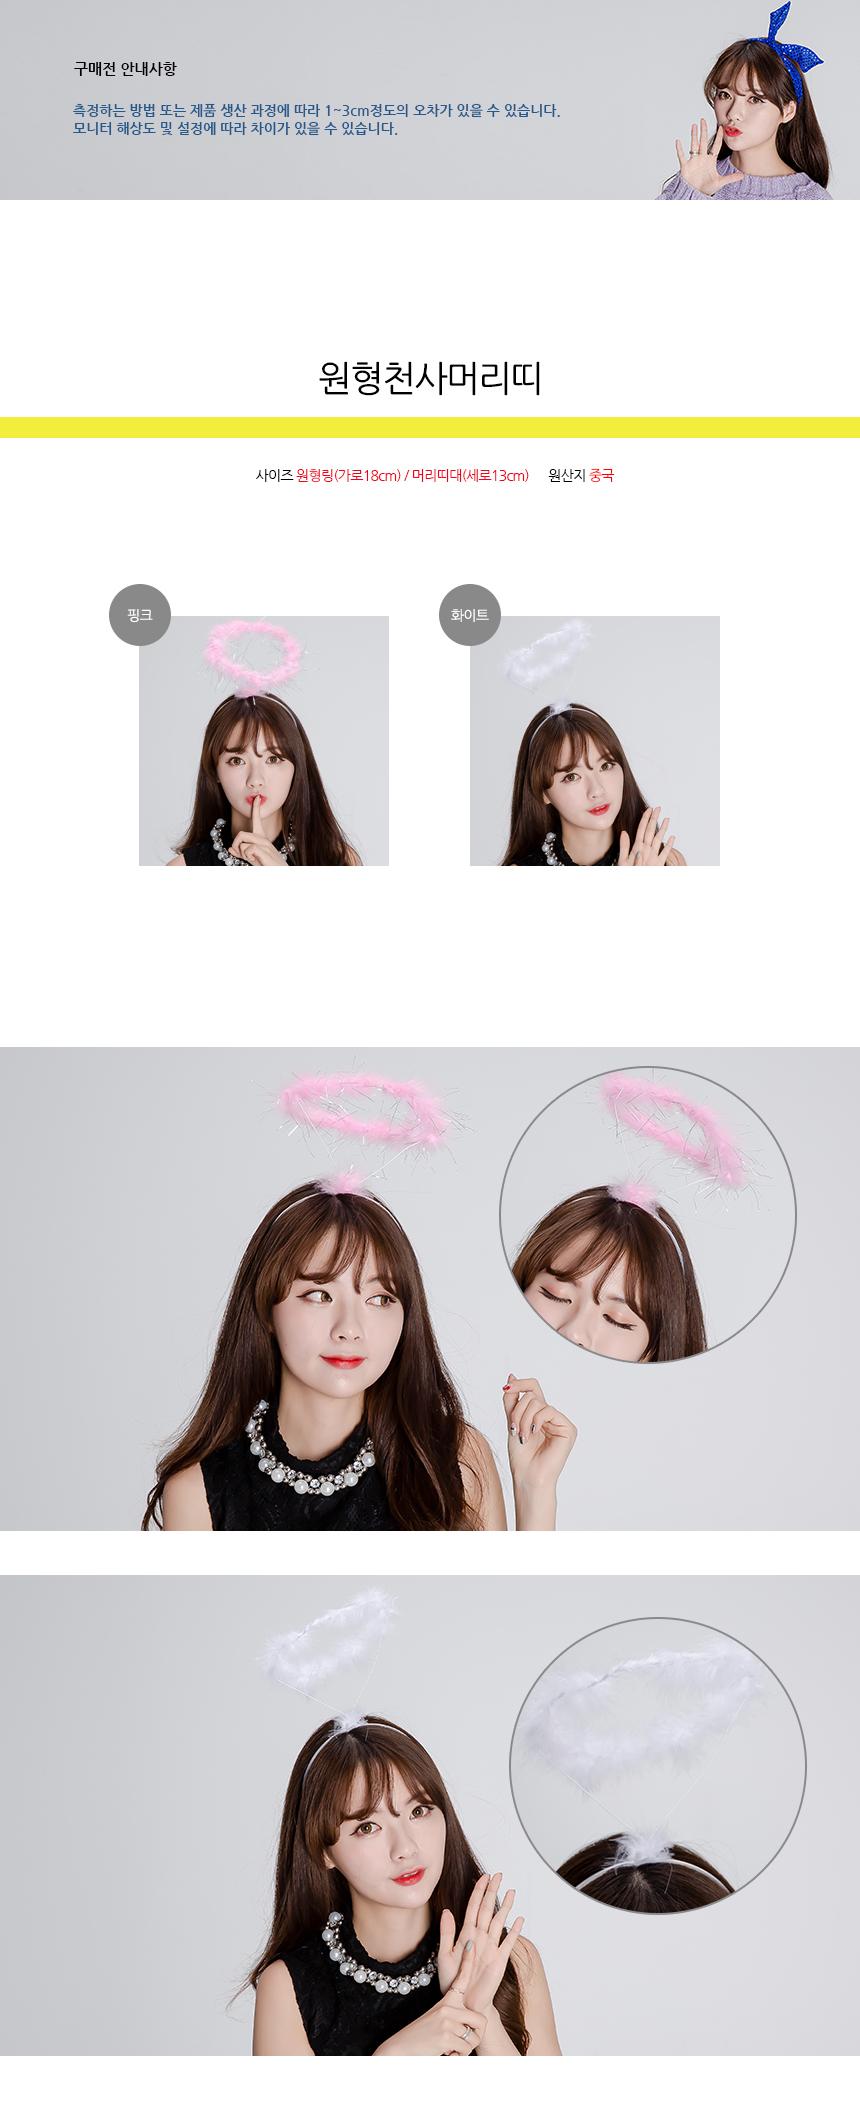 원형천사머리띠(핑크,화이트) - 파티스토리, 2,000원, 파티의상/잡화, 머리띠/머리장식/가발